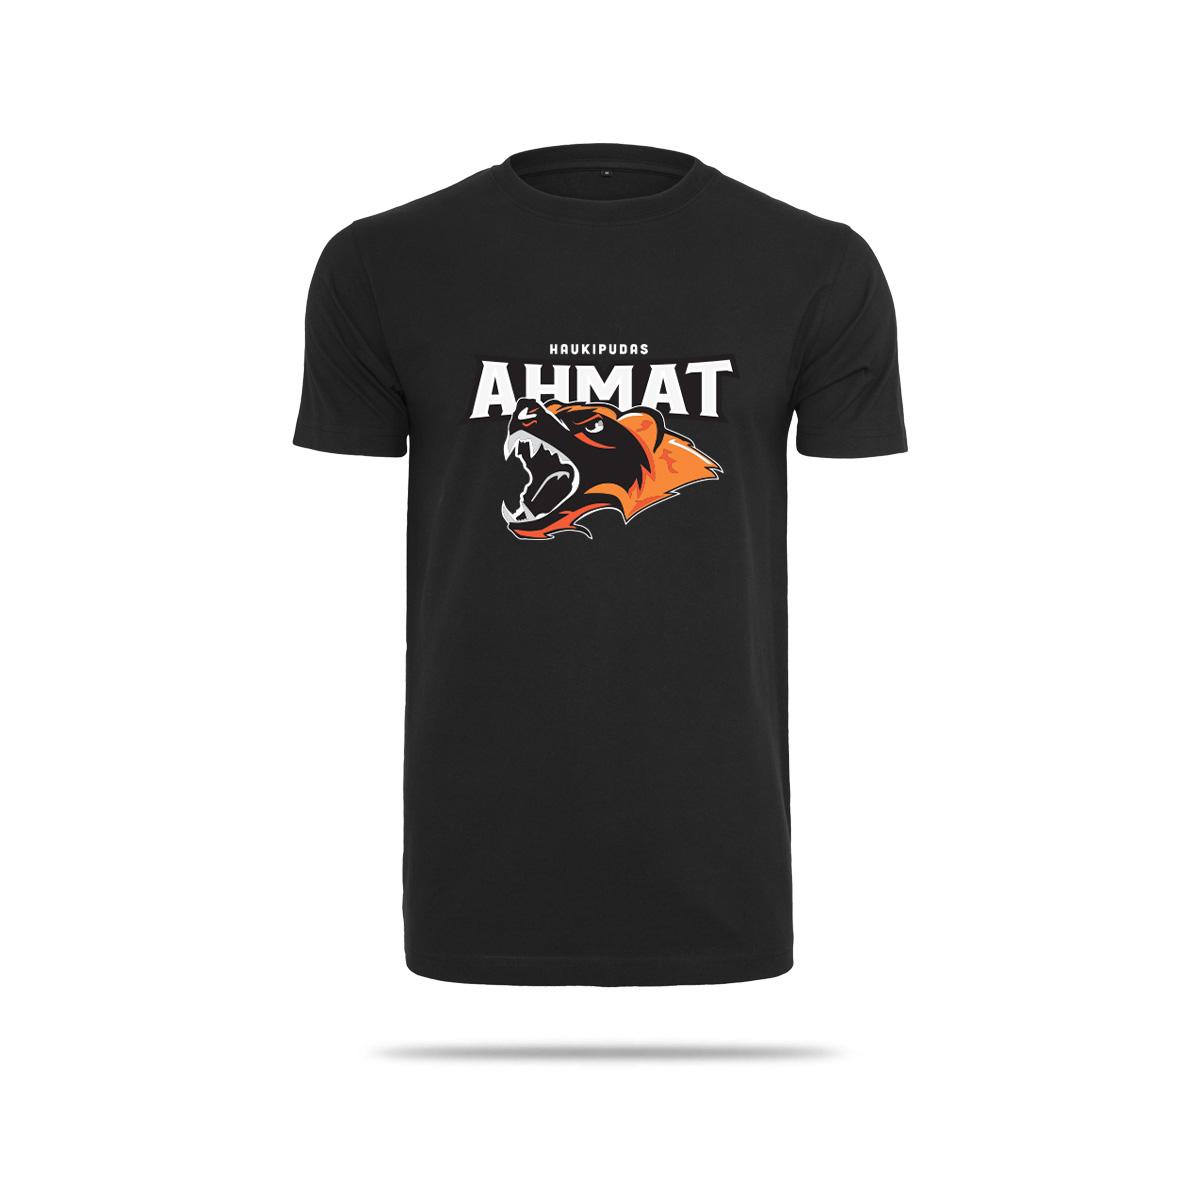 Ahmat-fani-6005-musta-original